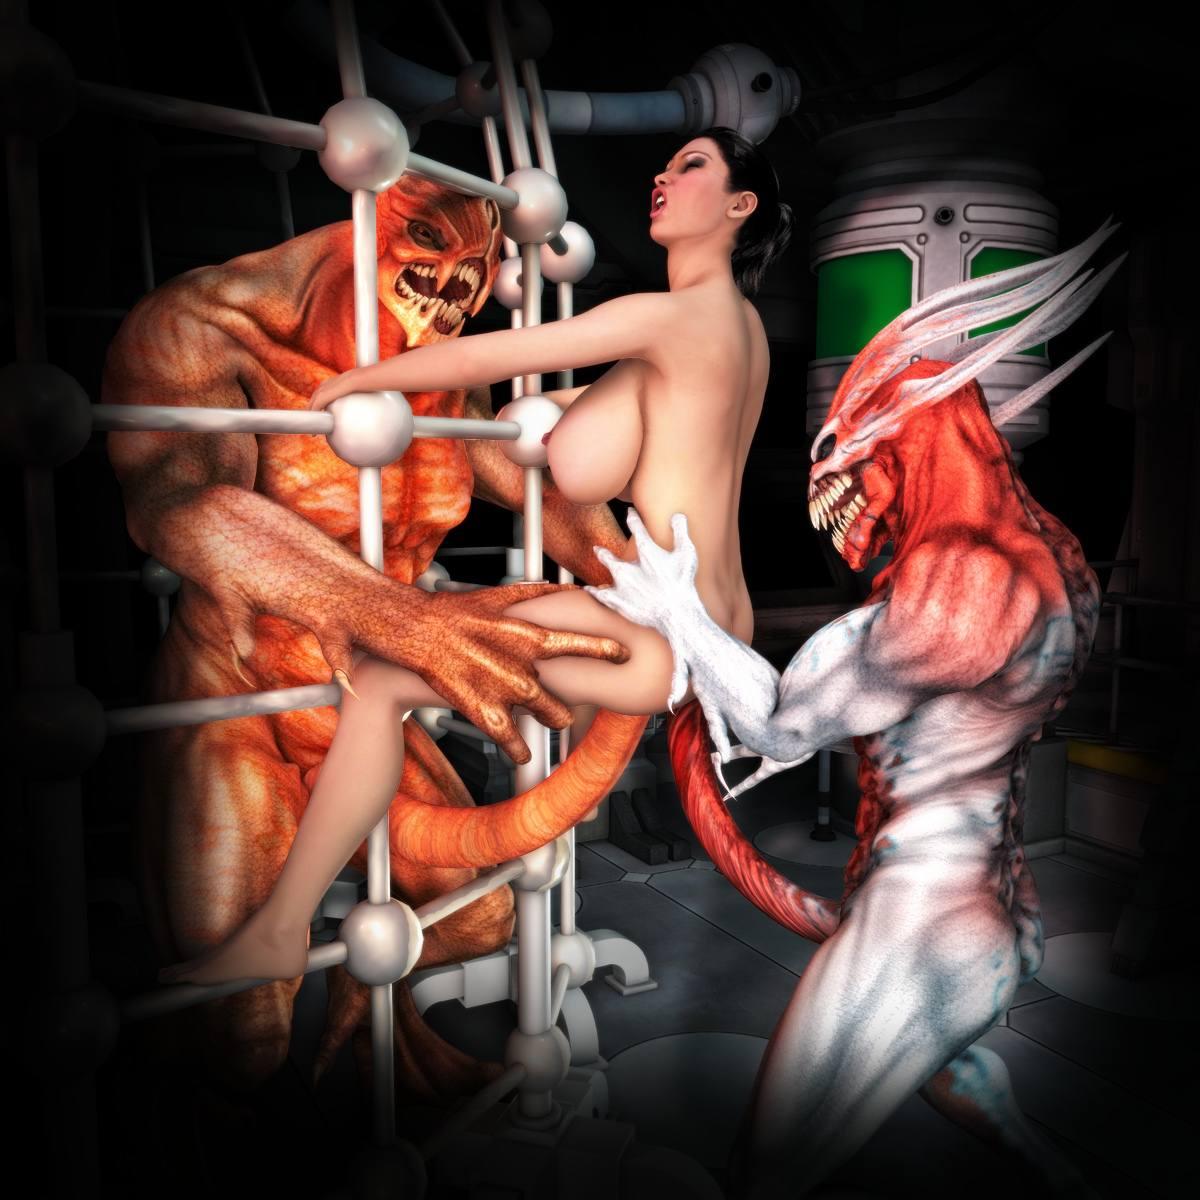 Cortoon monster fuck erotic clips